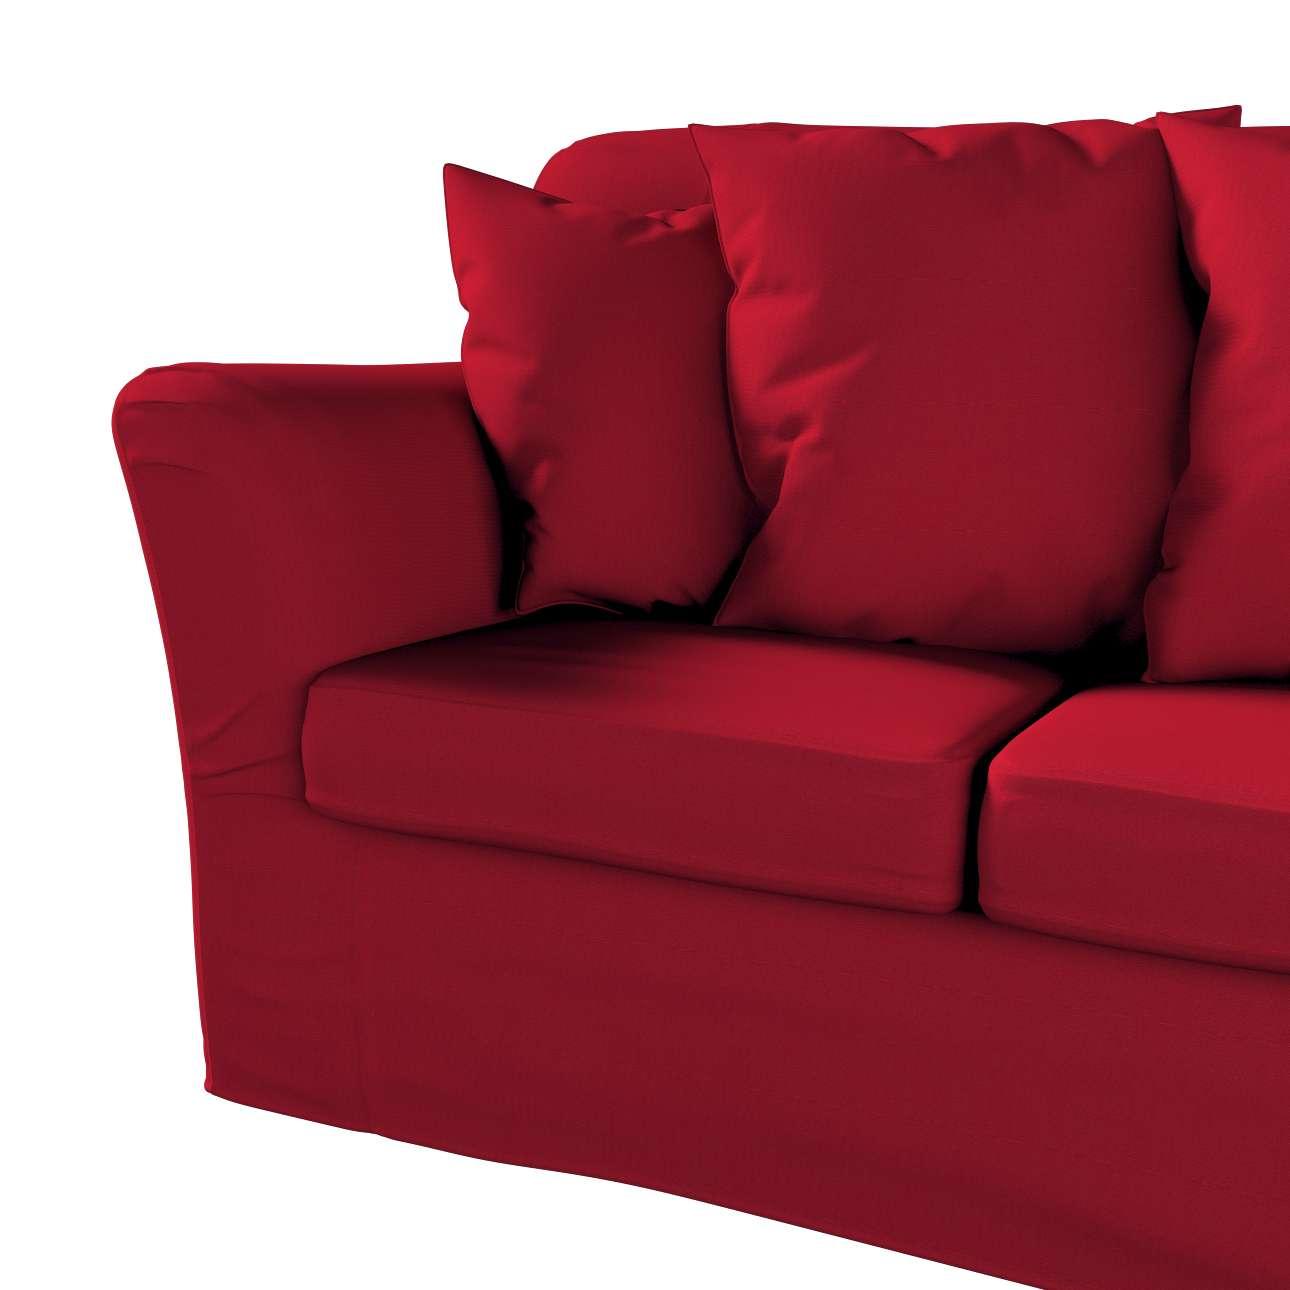 Pokrowiec na sofę Tomelilla 3-osobową nierozkładaną w kolekcji Etna, tkanina: 705-60